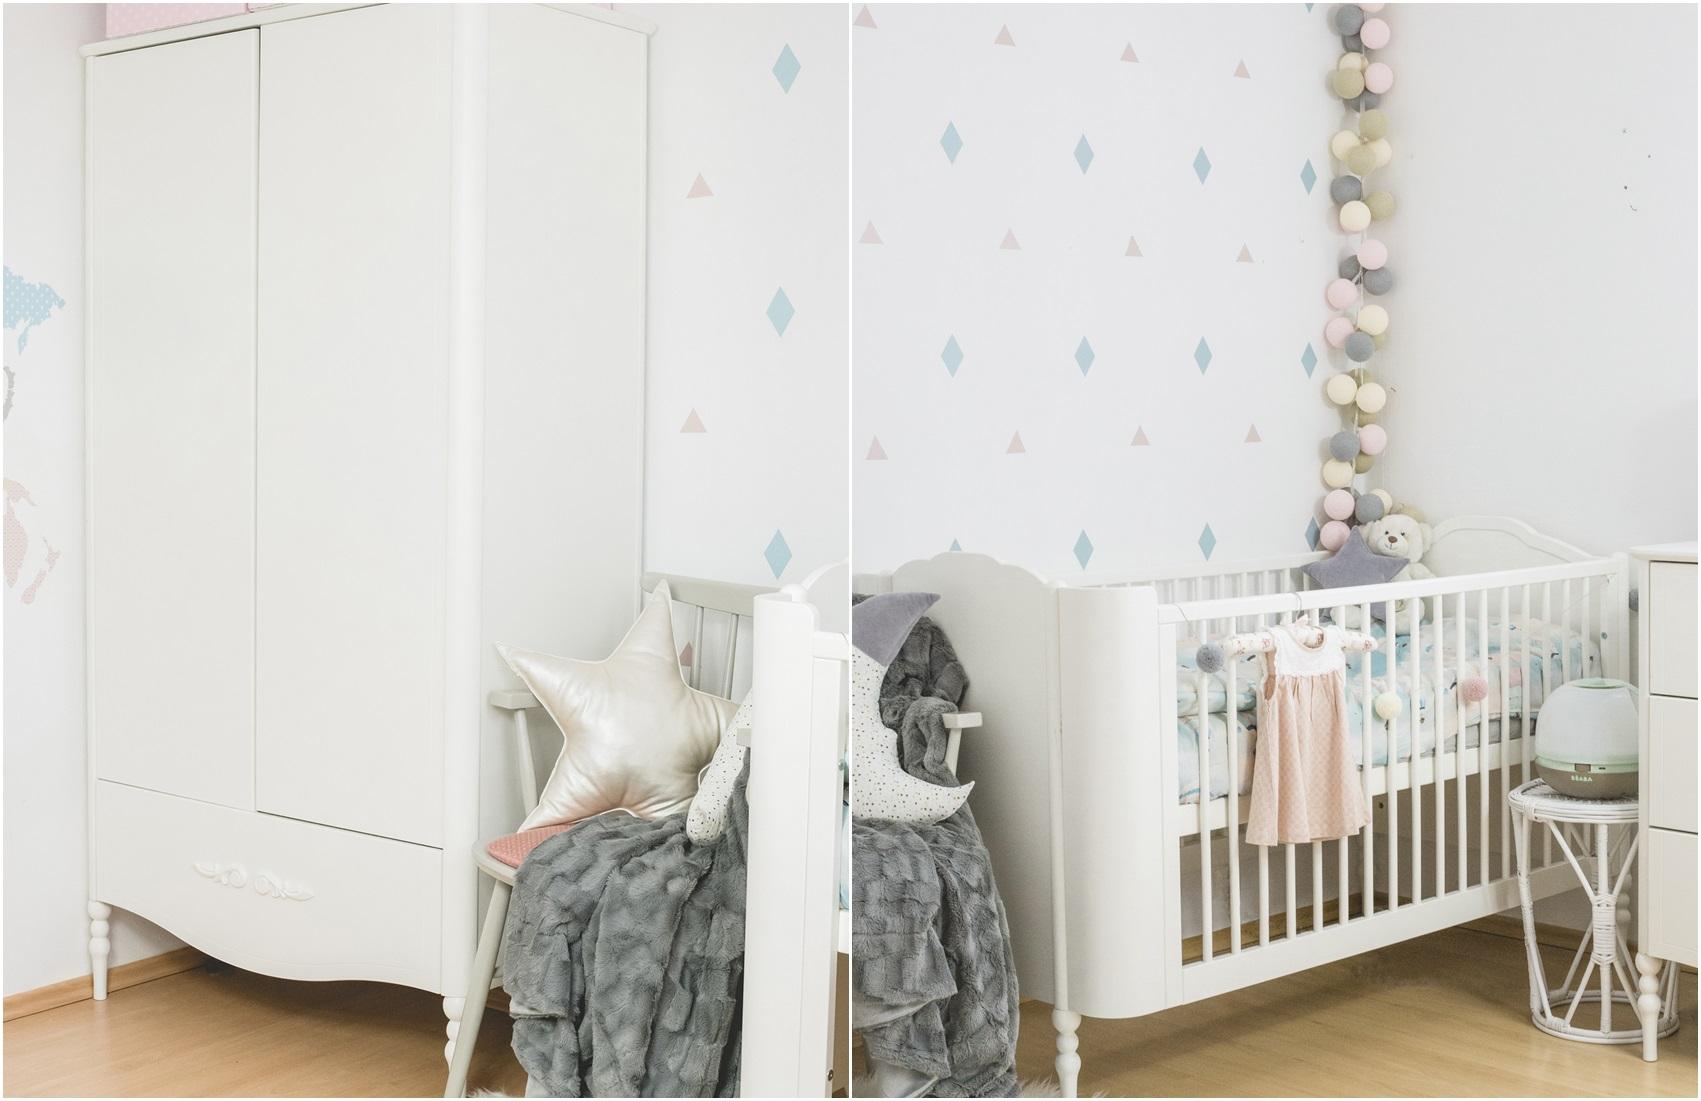 łóżeczko dla niemowlaka, kącik dla niemowlaka, łóżeczko dziecięce, łóżko dla niemowlaka, łóżeczko dla noworodka